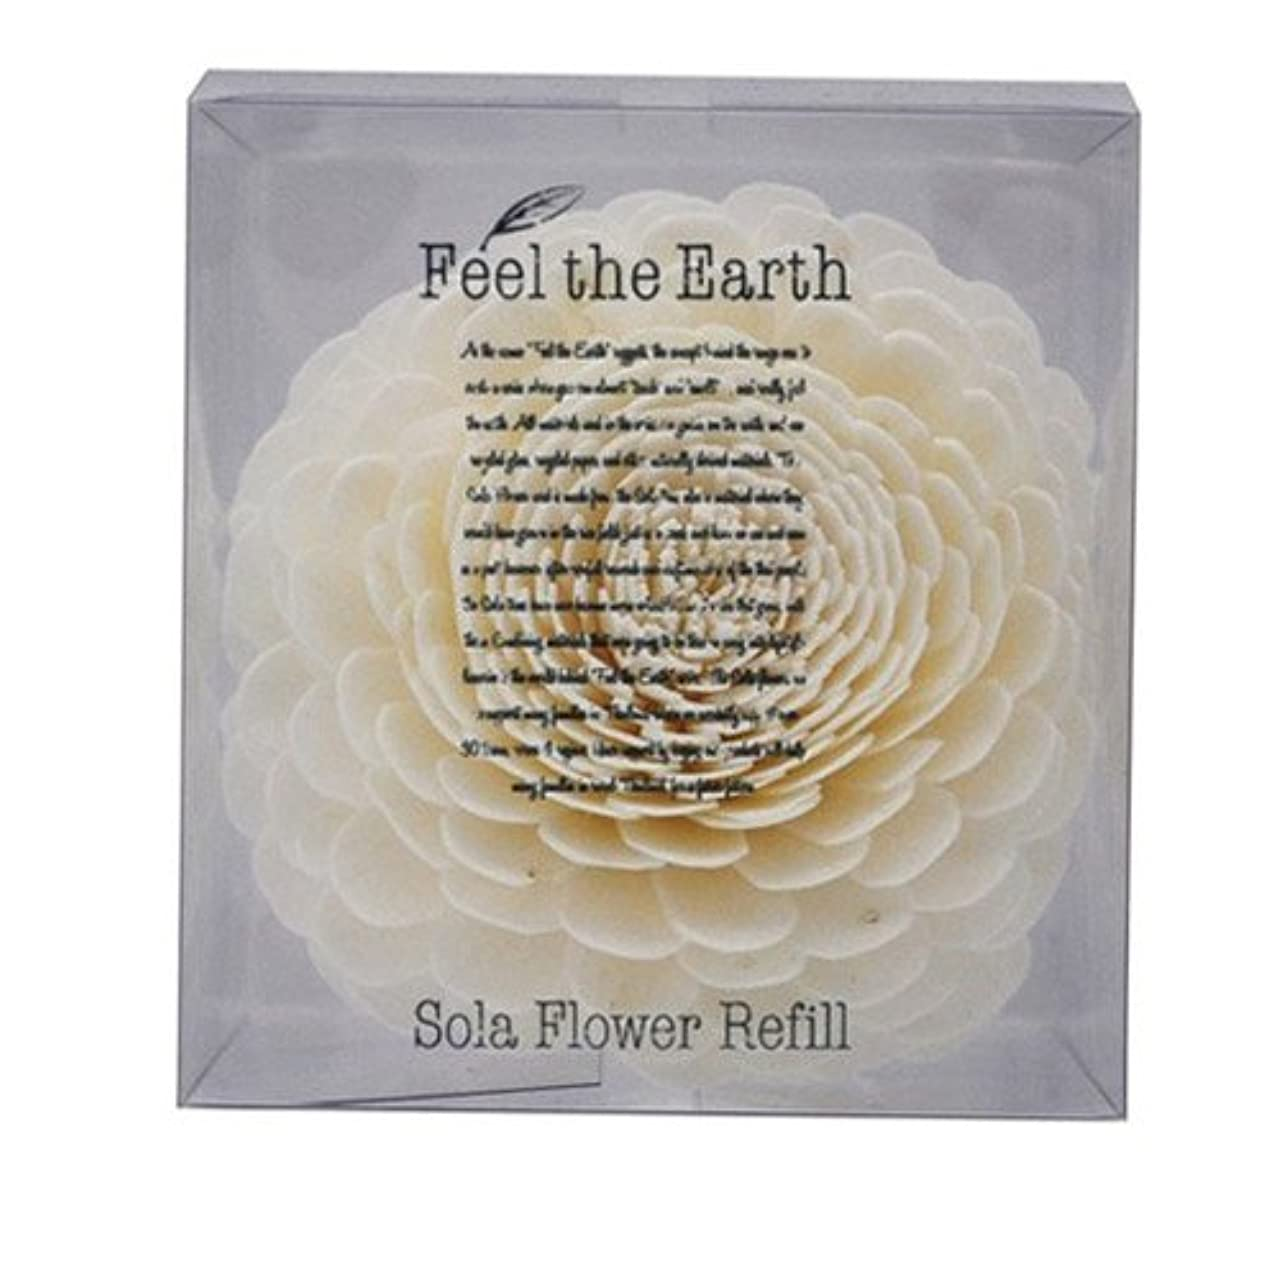 議論する震えお父さんFEEL THE EARTH ソラフラワー リフィル ダリア DAHLIA フィール ジ アース